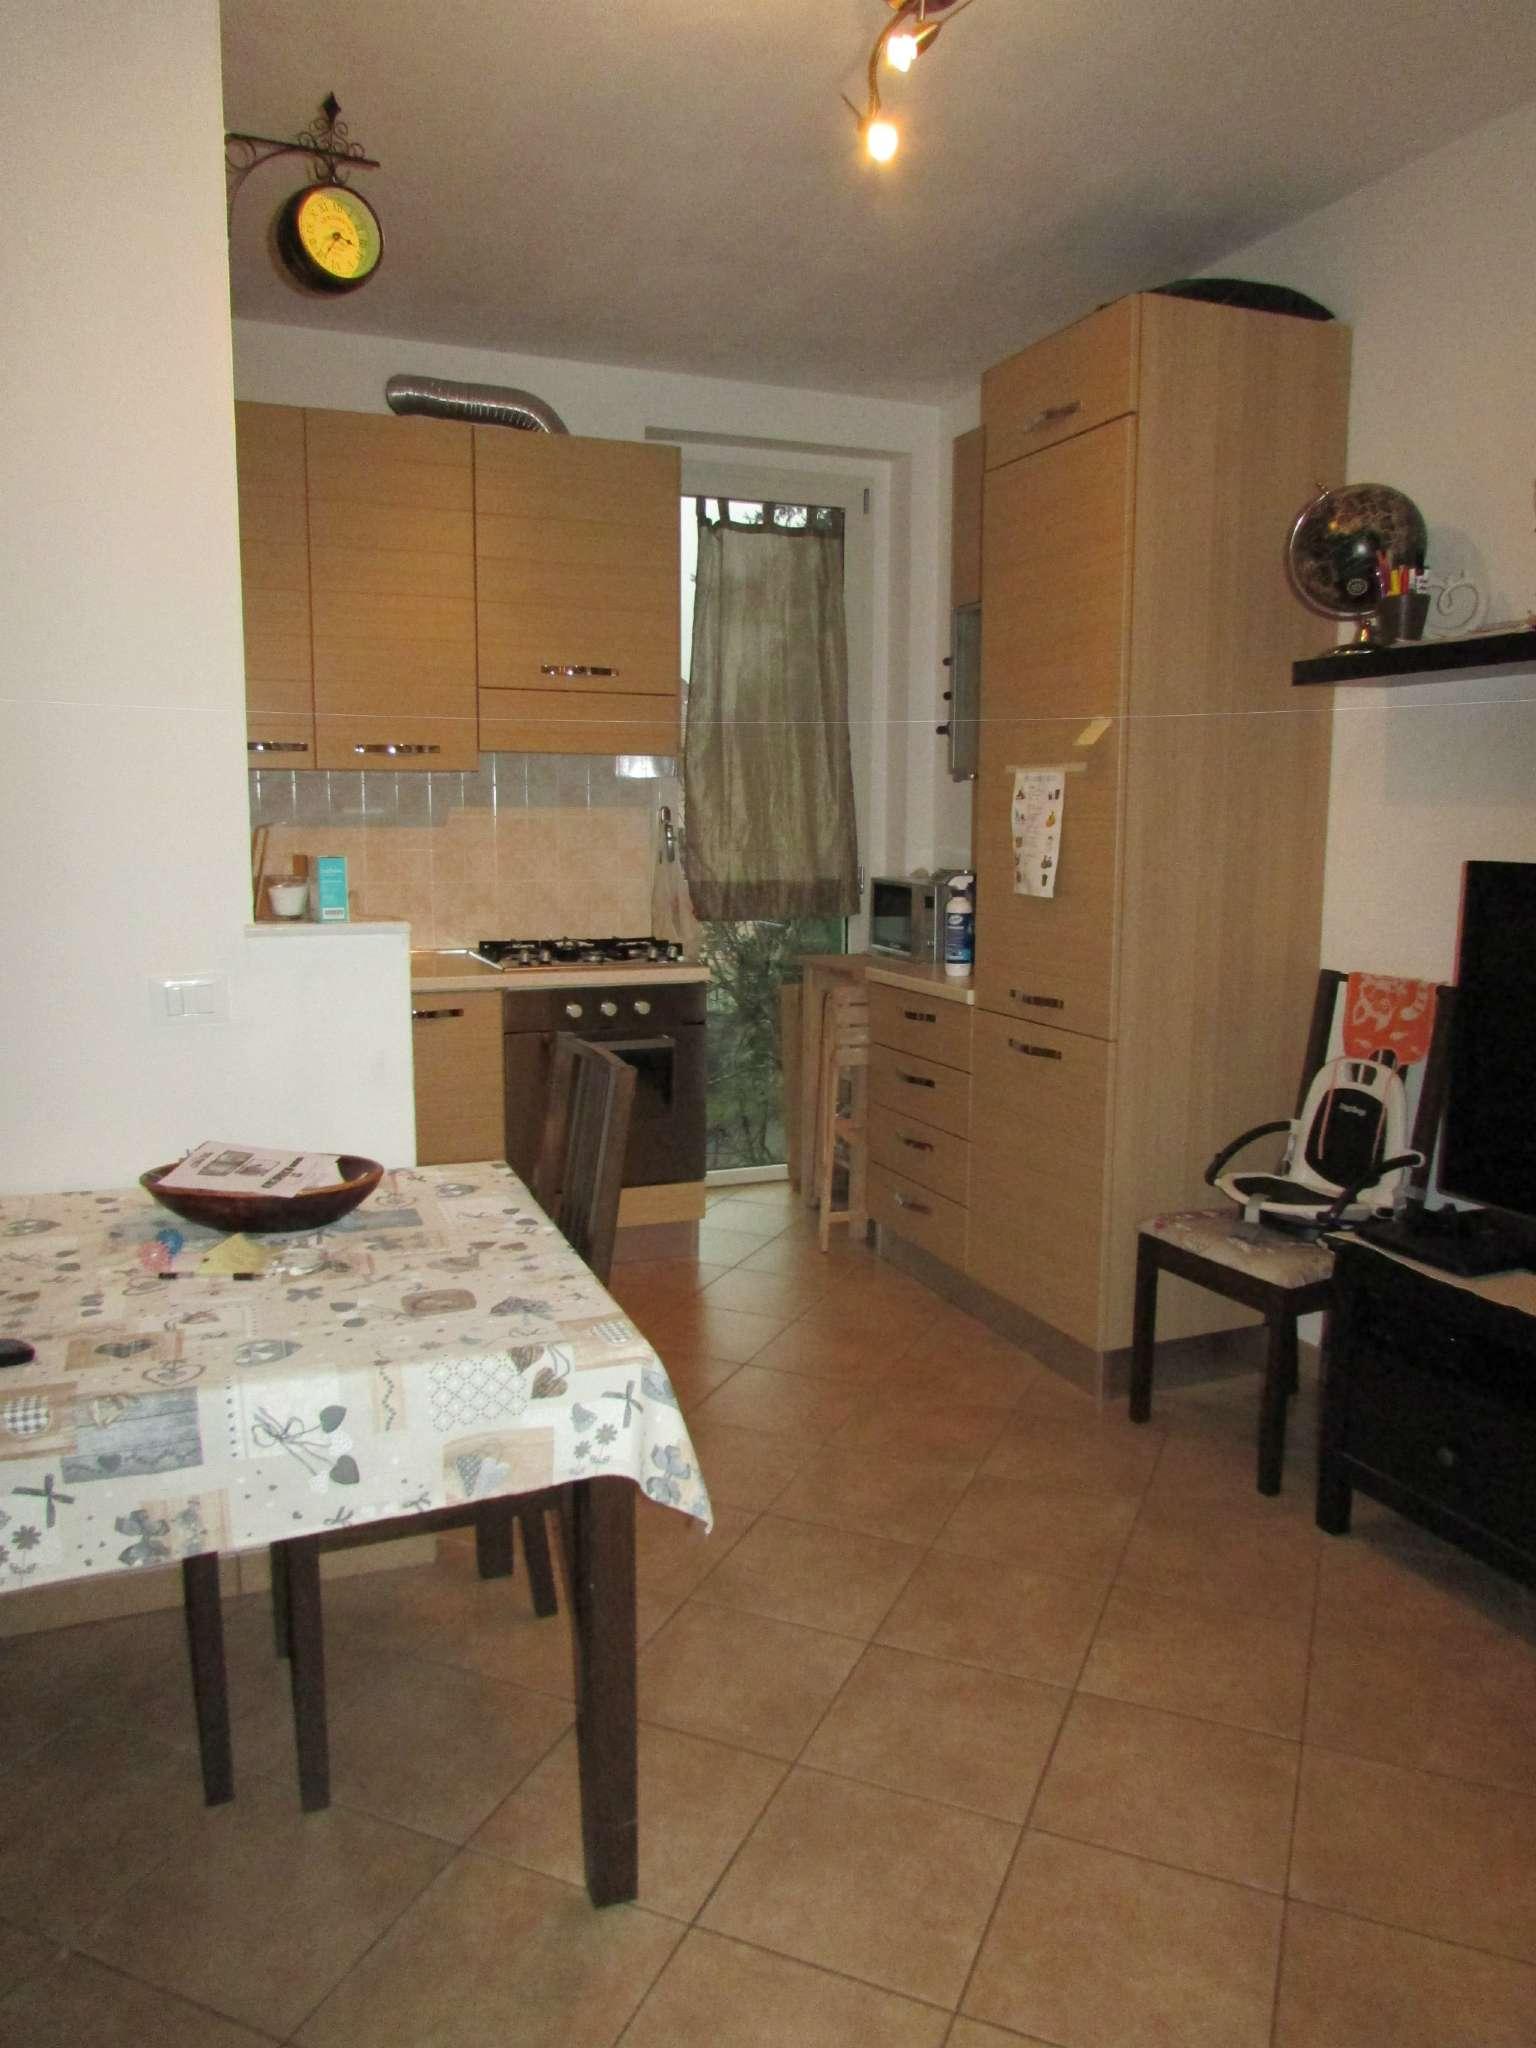 Appartamento in vendita a Riccò del Golfo di Spezia, 4 locali, prezzo € 128.000 | CambioCasa.it